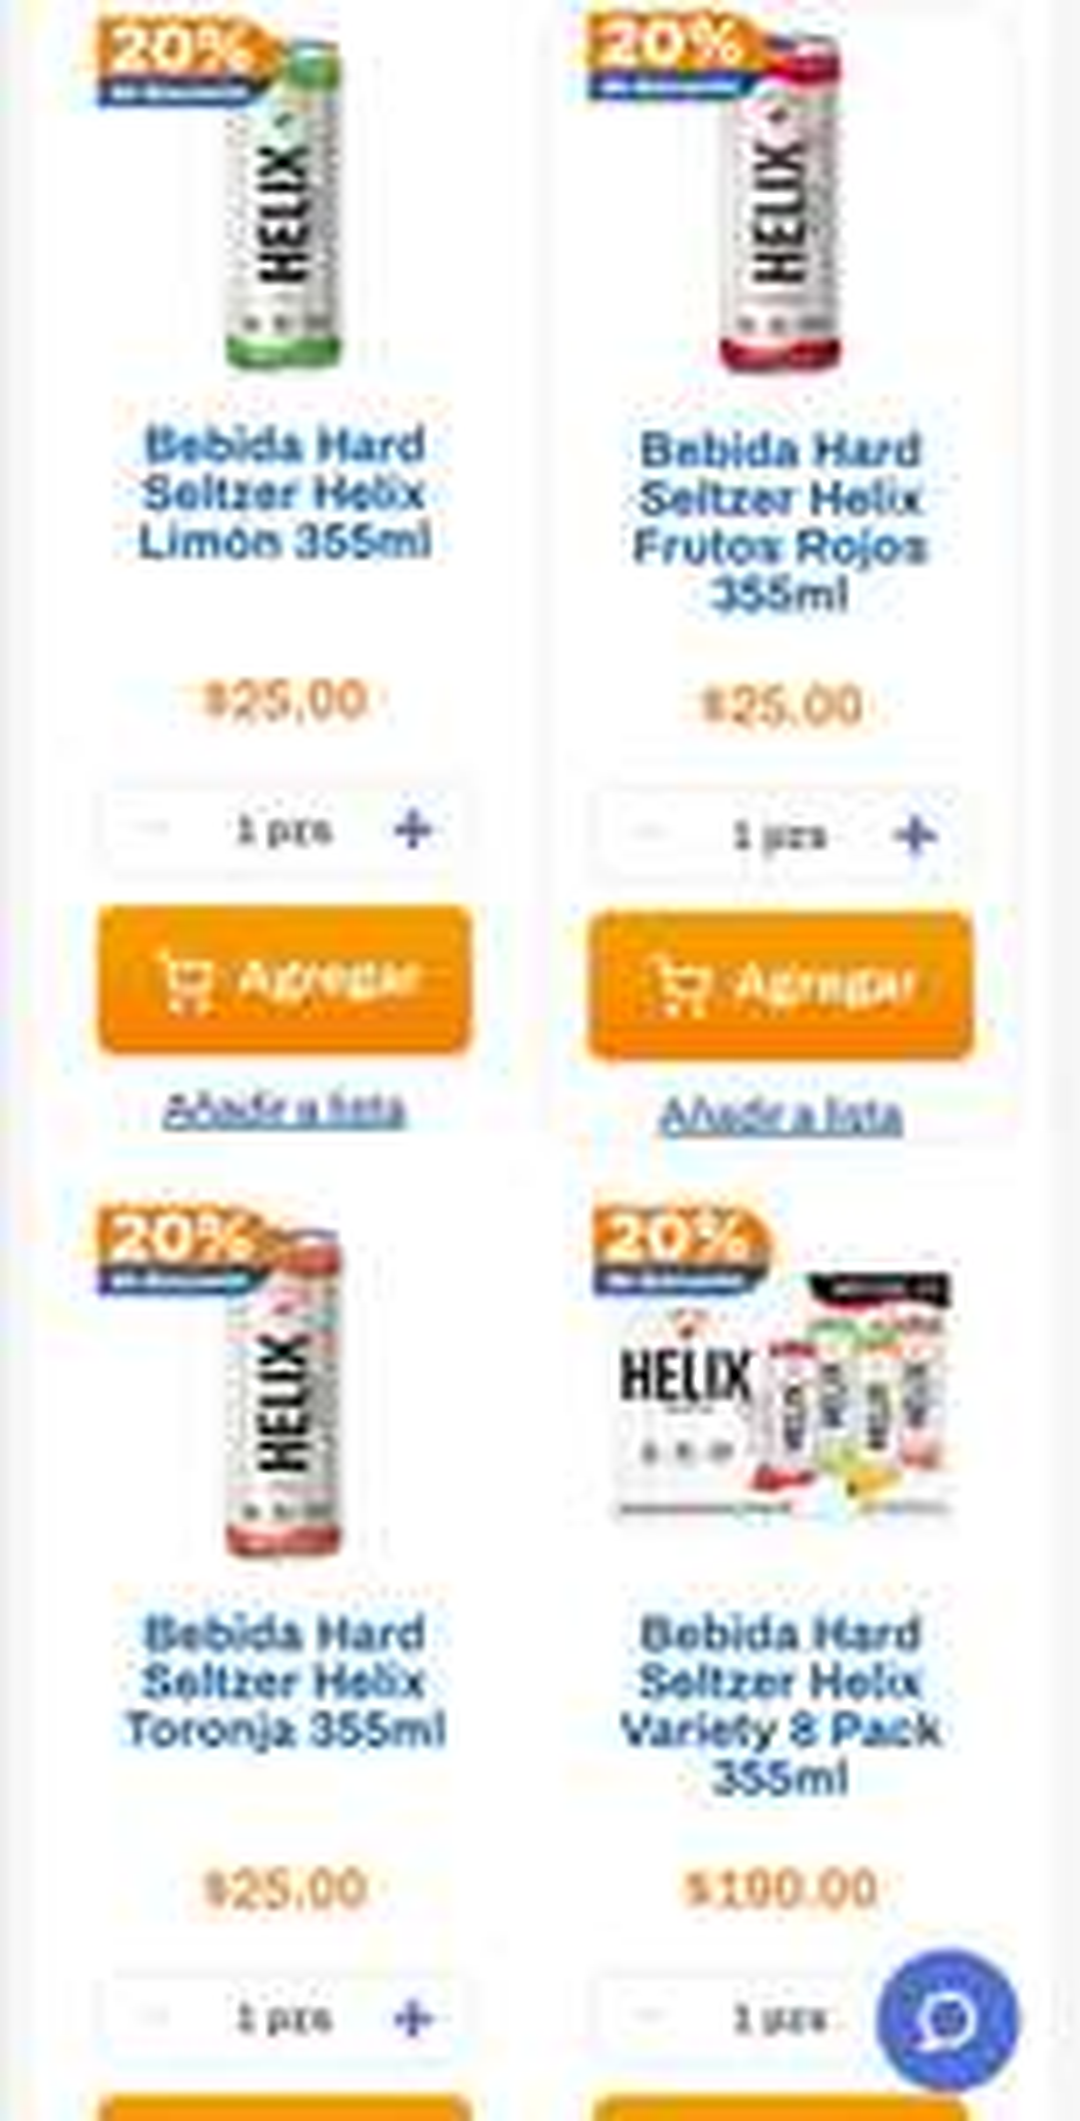 Chedraui: 20% de descuento en bebidas Hard Seltzer Helix 355 ml